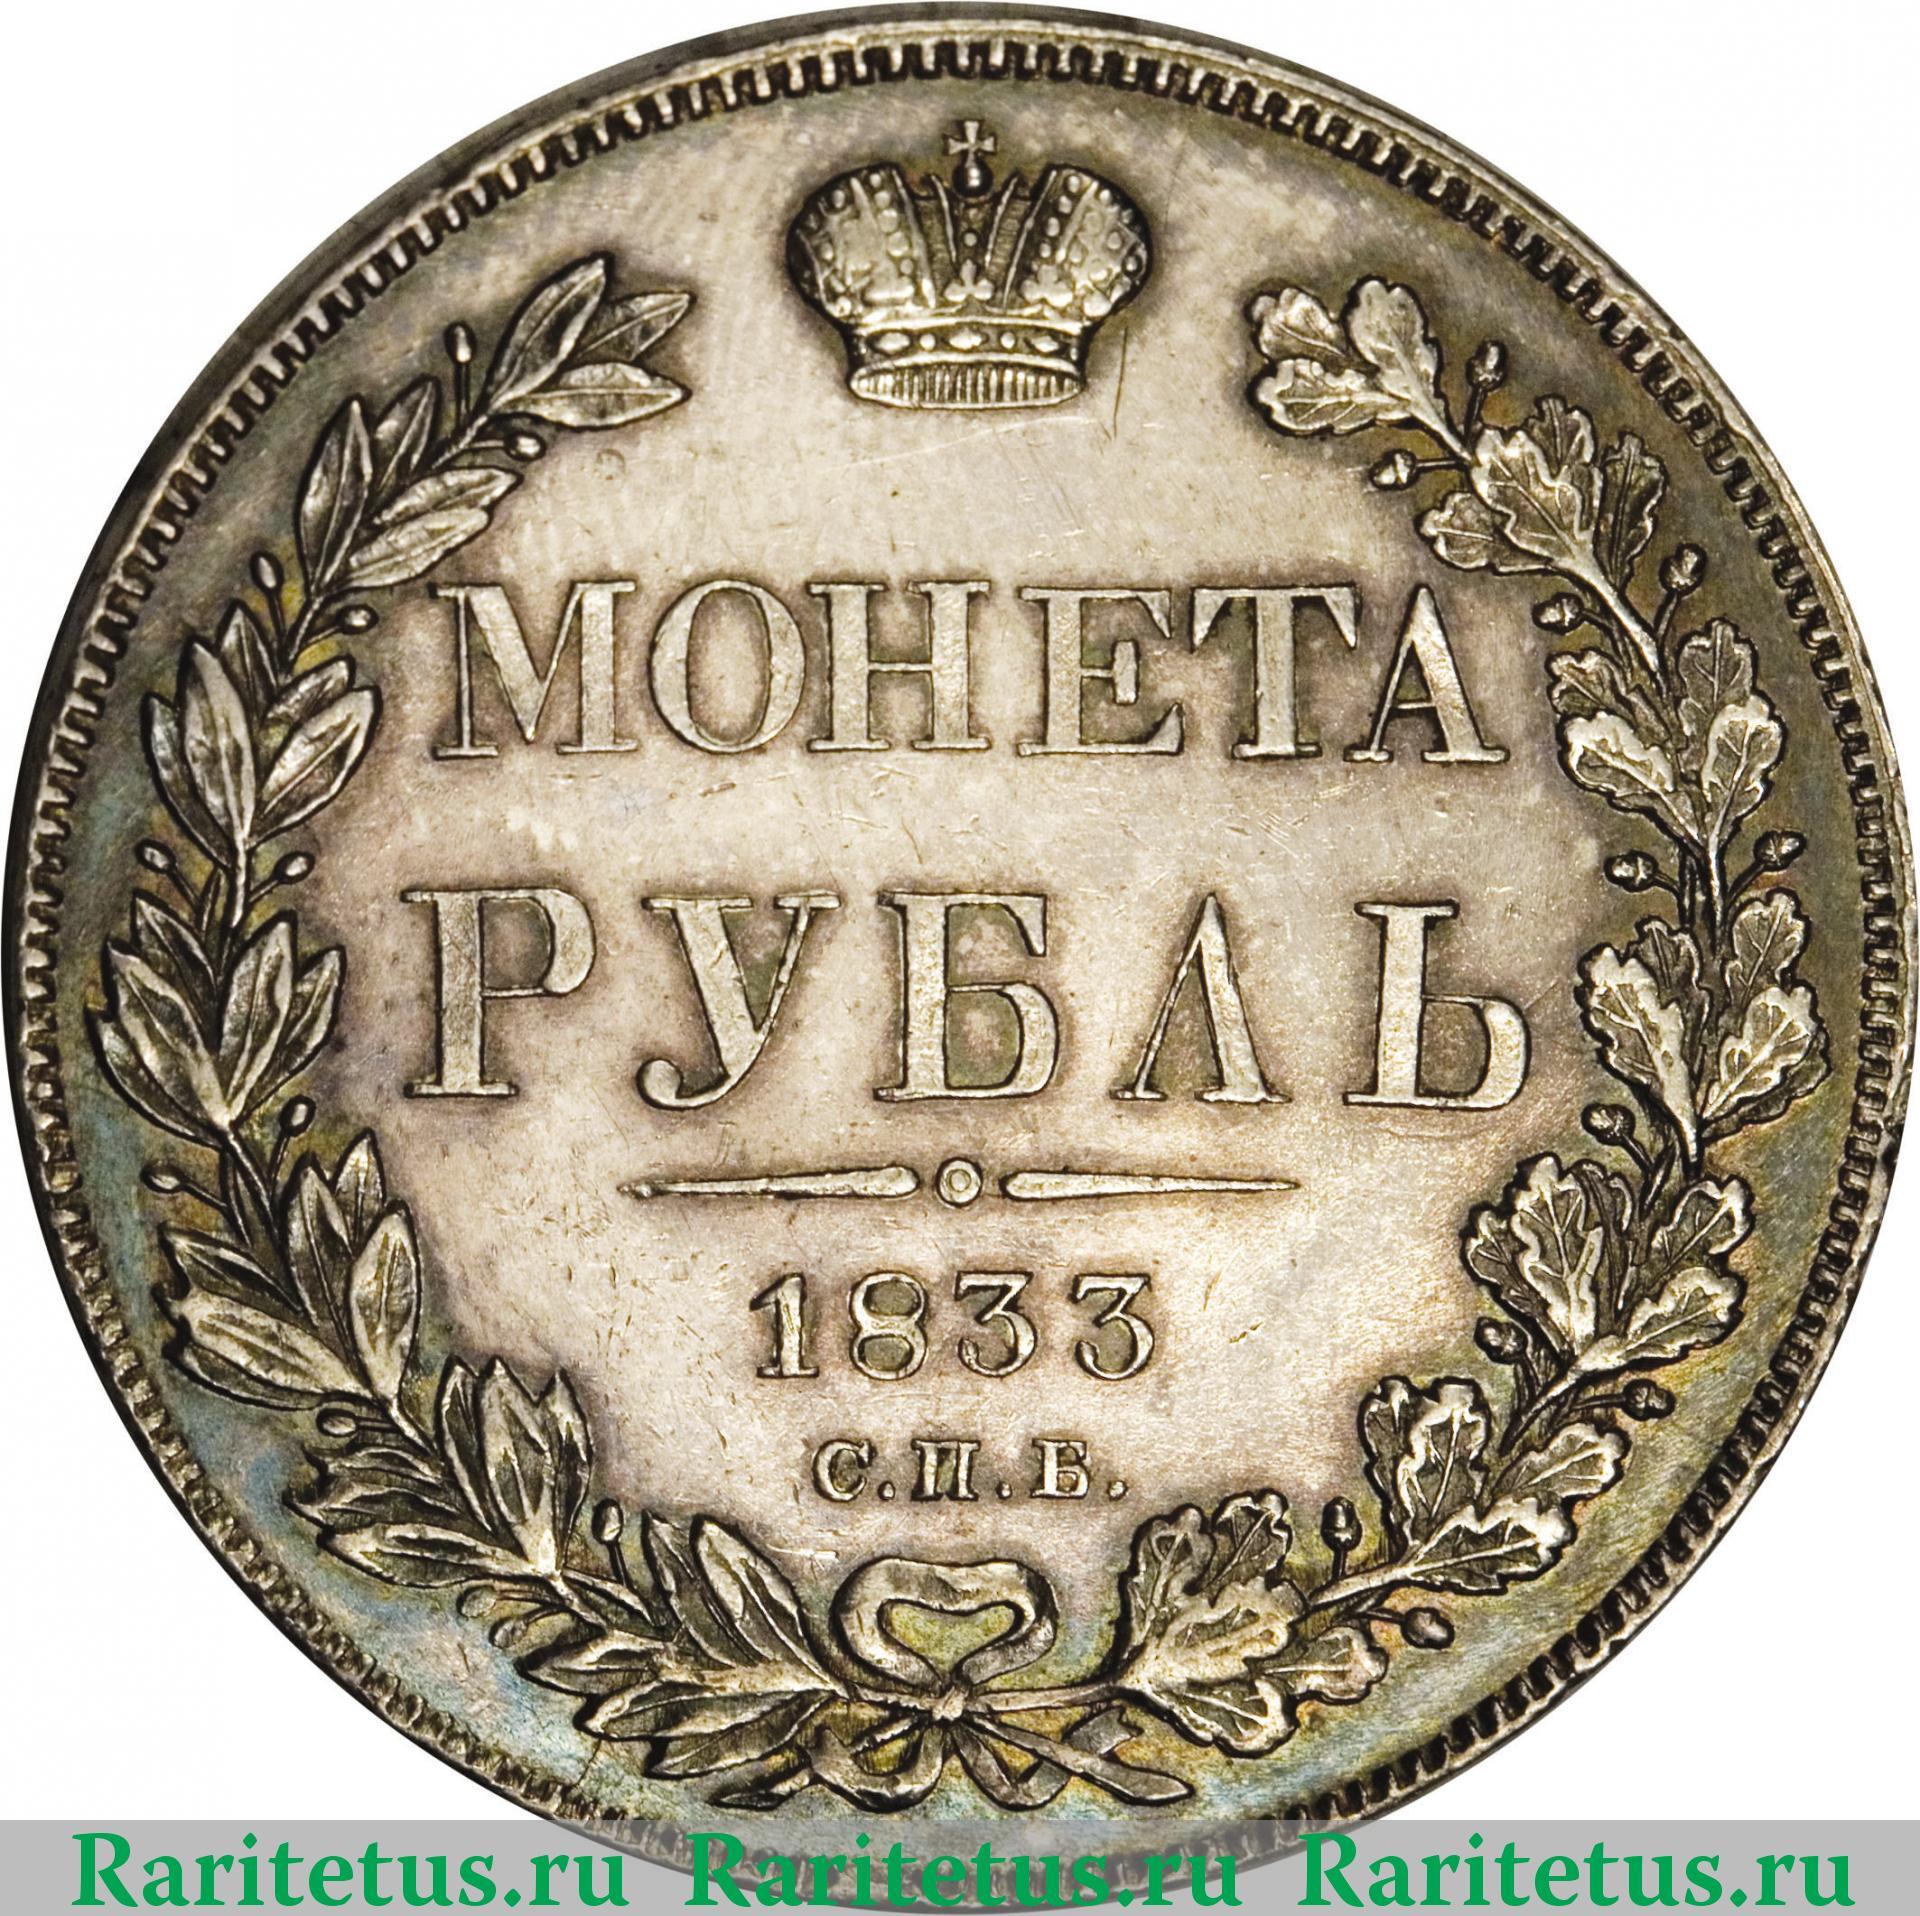 Монета рубль серебро цена фуфла нет сайт